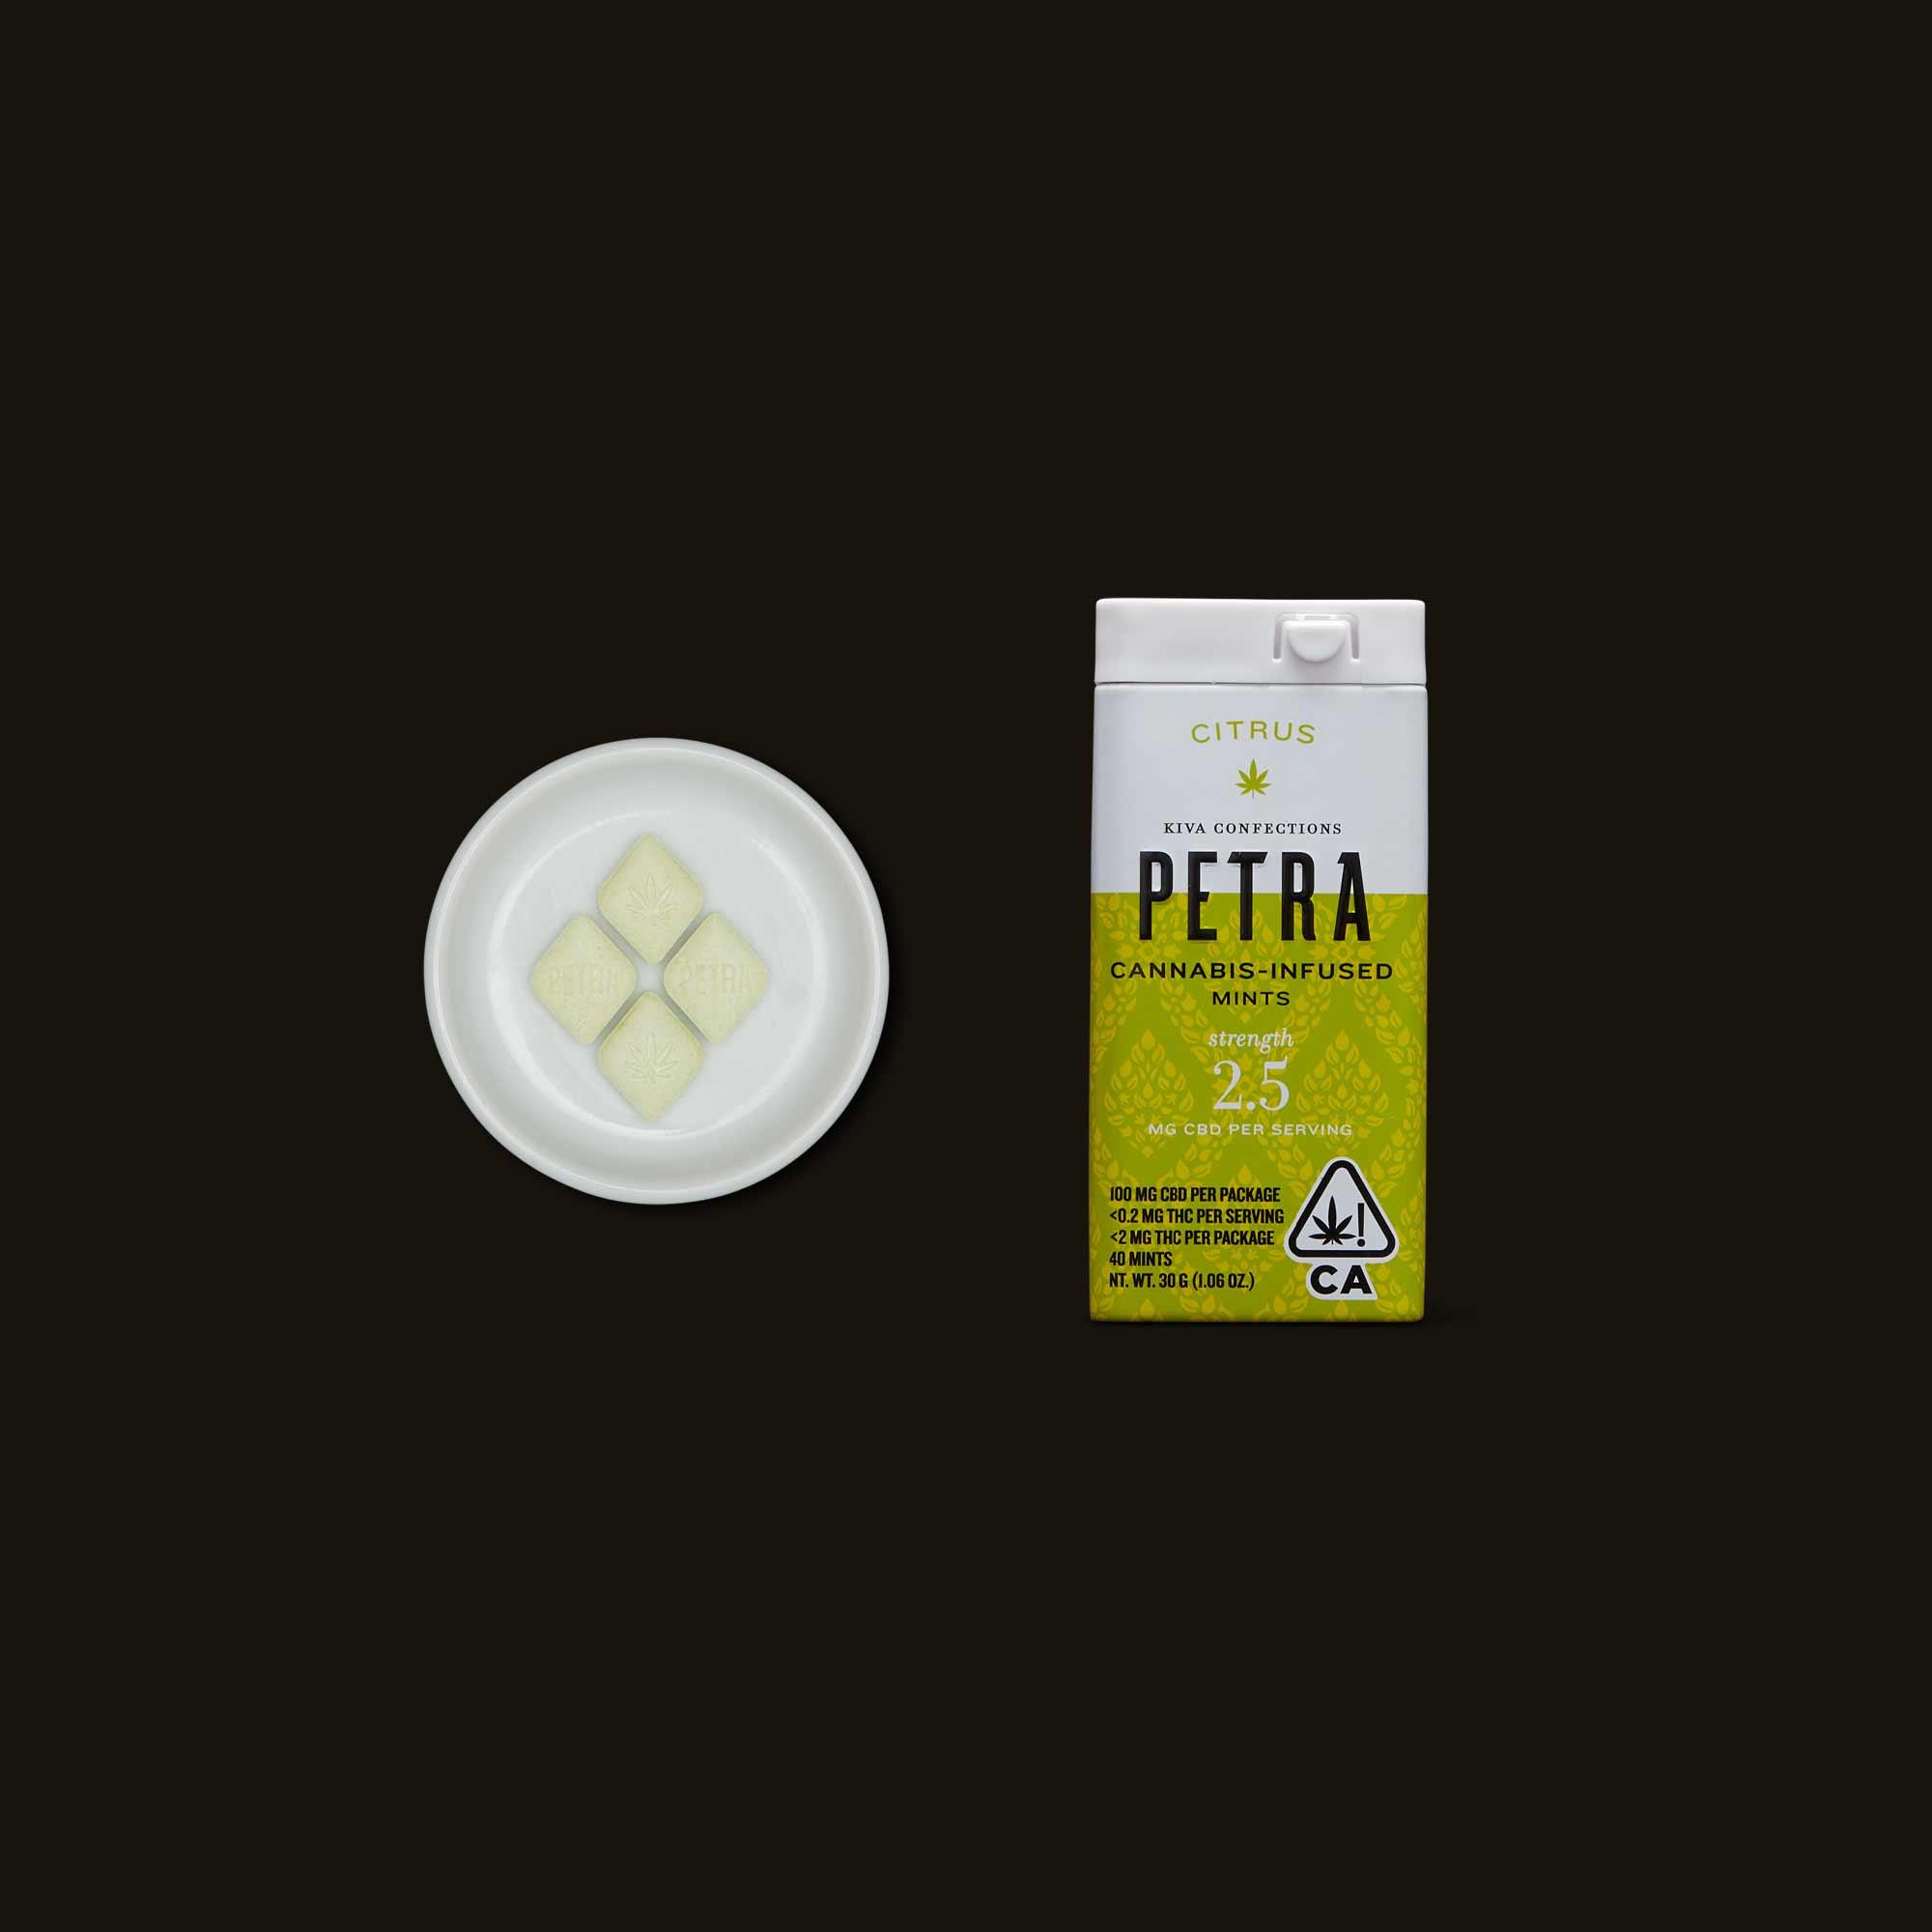 Kiva Confections Petra Citrus CBD Mints